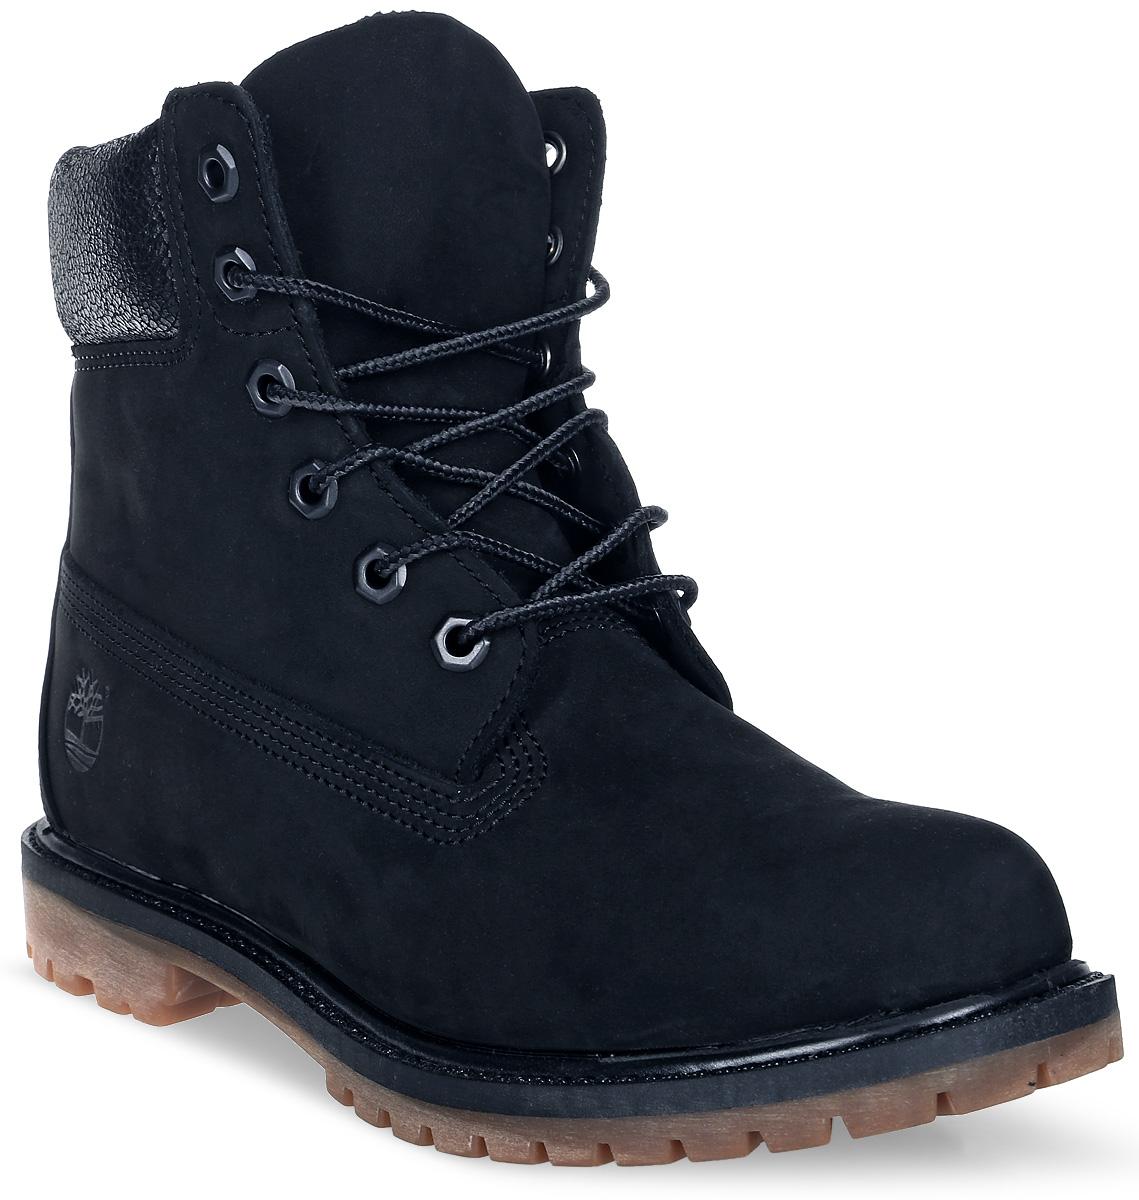 Ботинки женские Timberland 6 Premium Waterproof Boot, цвет: черный. TBLA1K38W. Размер 9,5 (40)TBLA1K38WСтильные ботинки Timberland не оставят вас равнодушной. Модель на классической шнуровке, выполнена из натурального нубука и оформлена прострочкой. Внутренняя поверхность и стелька изготовлены из натуральной кожи. Модель дополнена мягким валиком для комфортной посадки вокруг лодыжки. Подошва с рифлением обеспечивает идеальное сцепление с любыми поверхностями. Такие чудесные ботинки займут достойное место в вашем гардеробе.